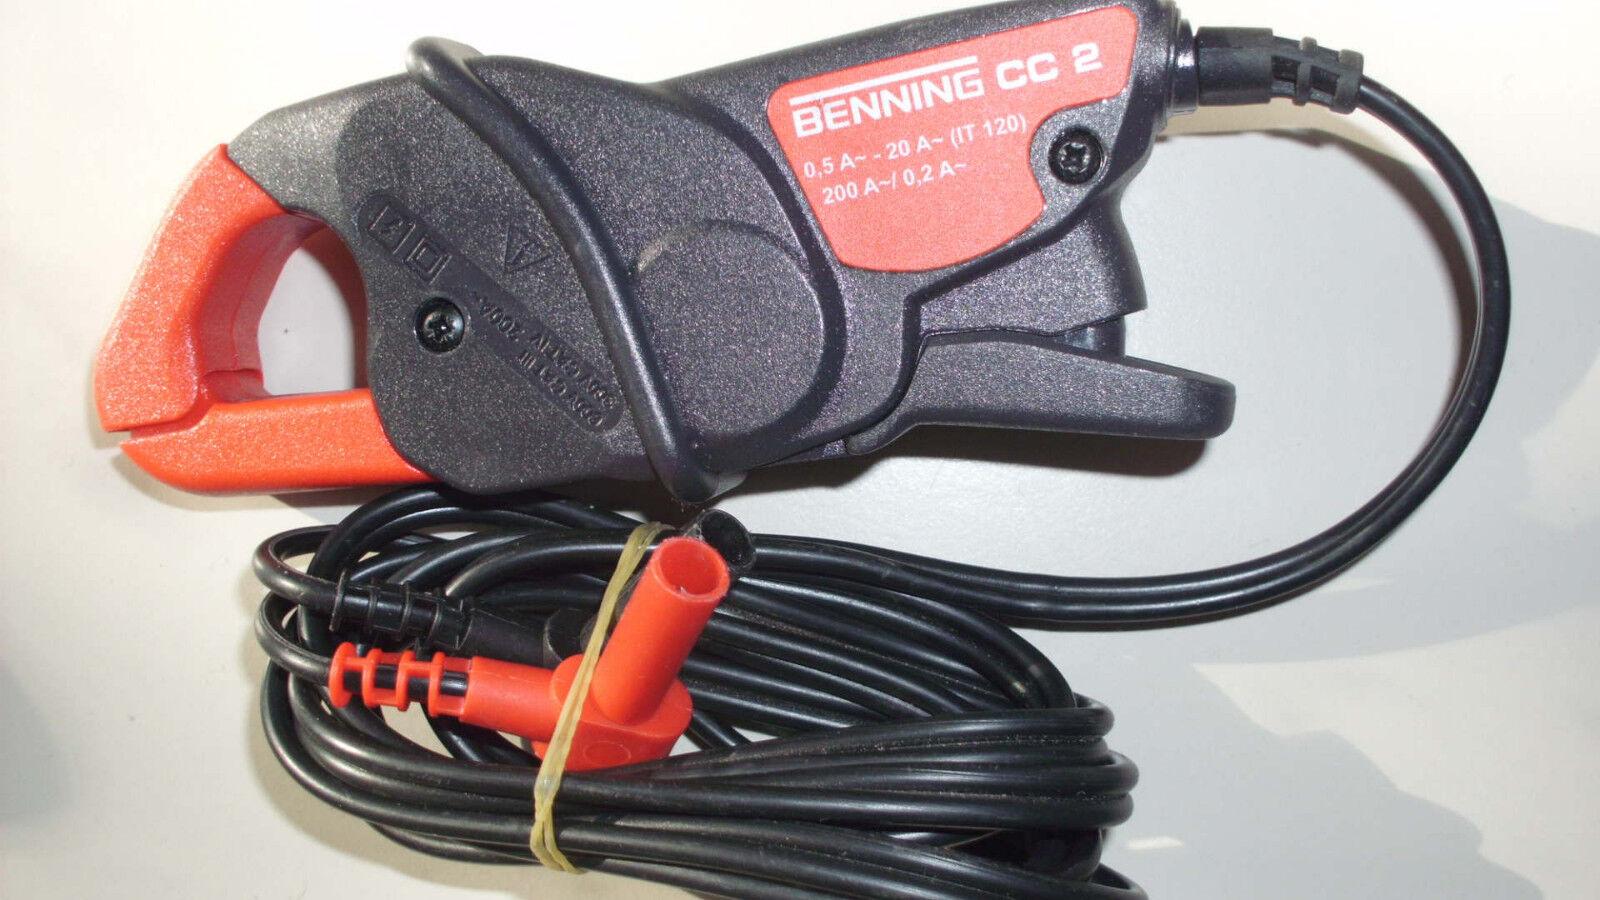 Stromzangenadapter 1 A - 200 A AC Zangenöffn.max. 21 mm inkl. Messleitungen CC 2